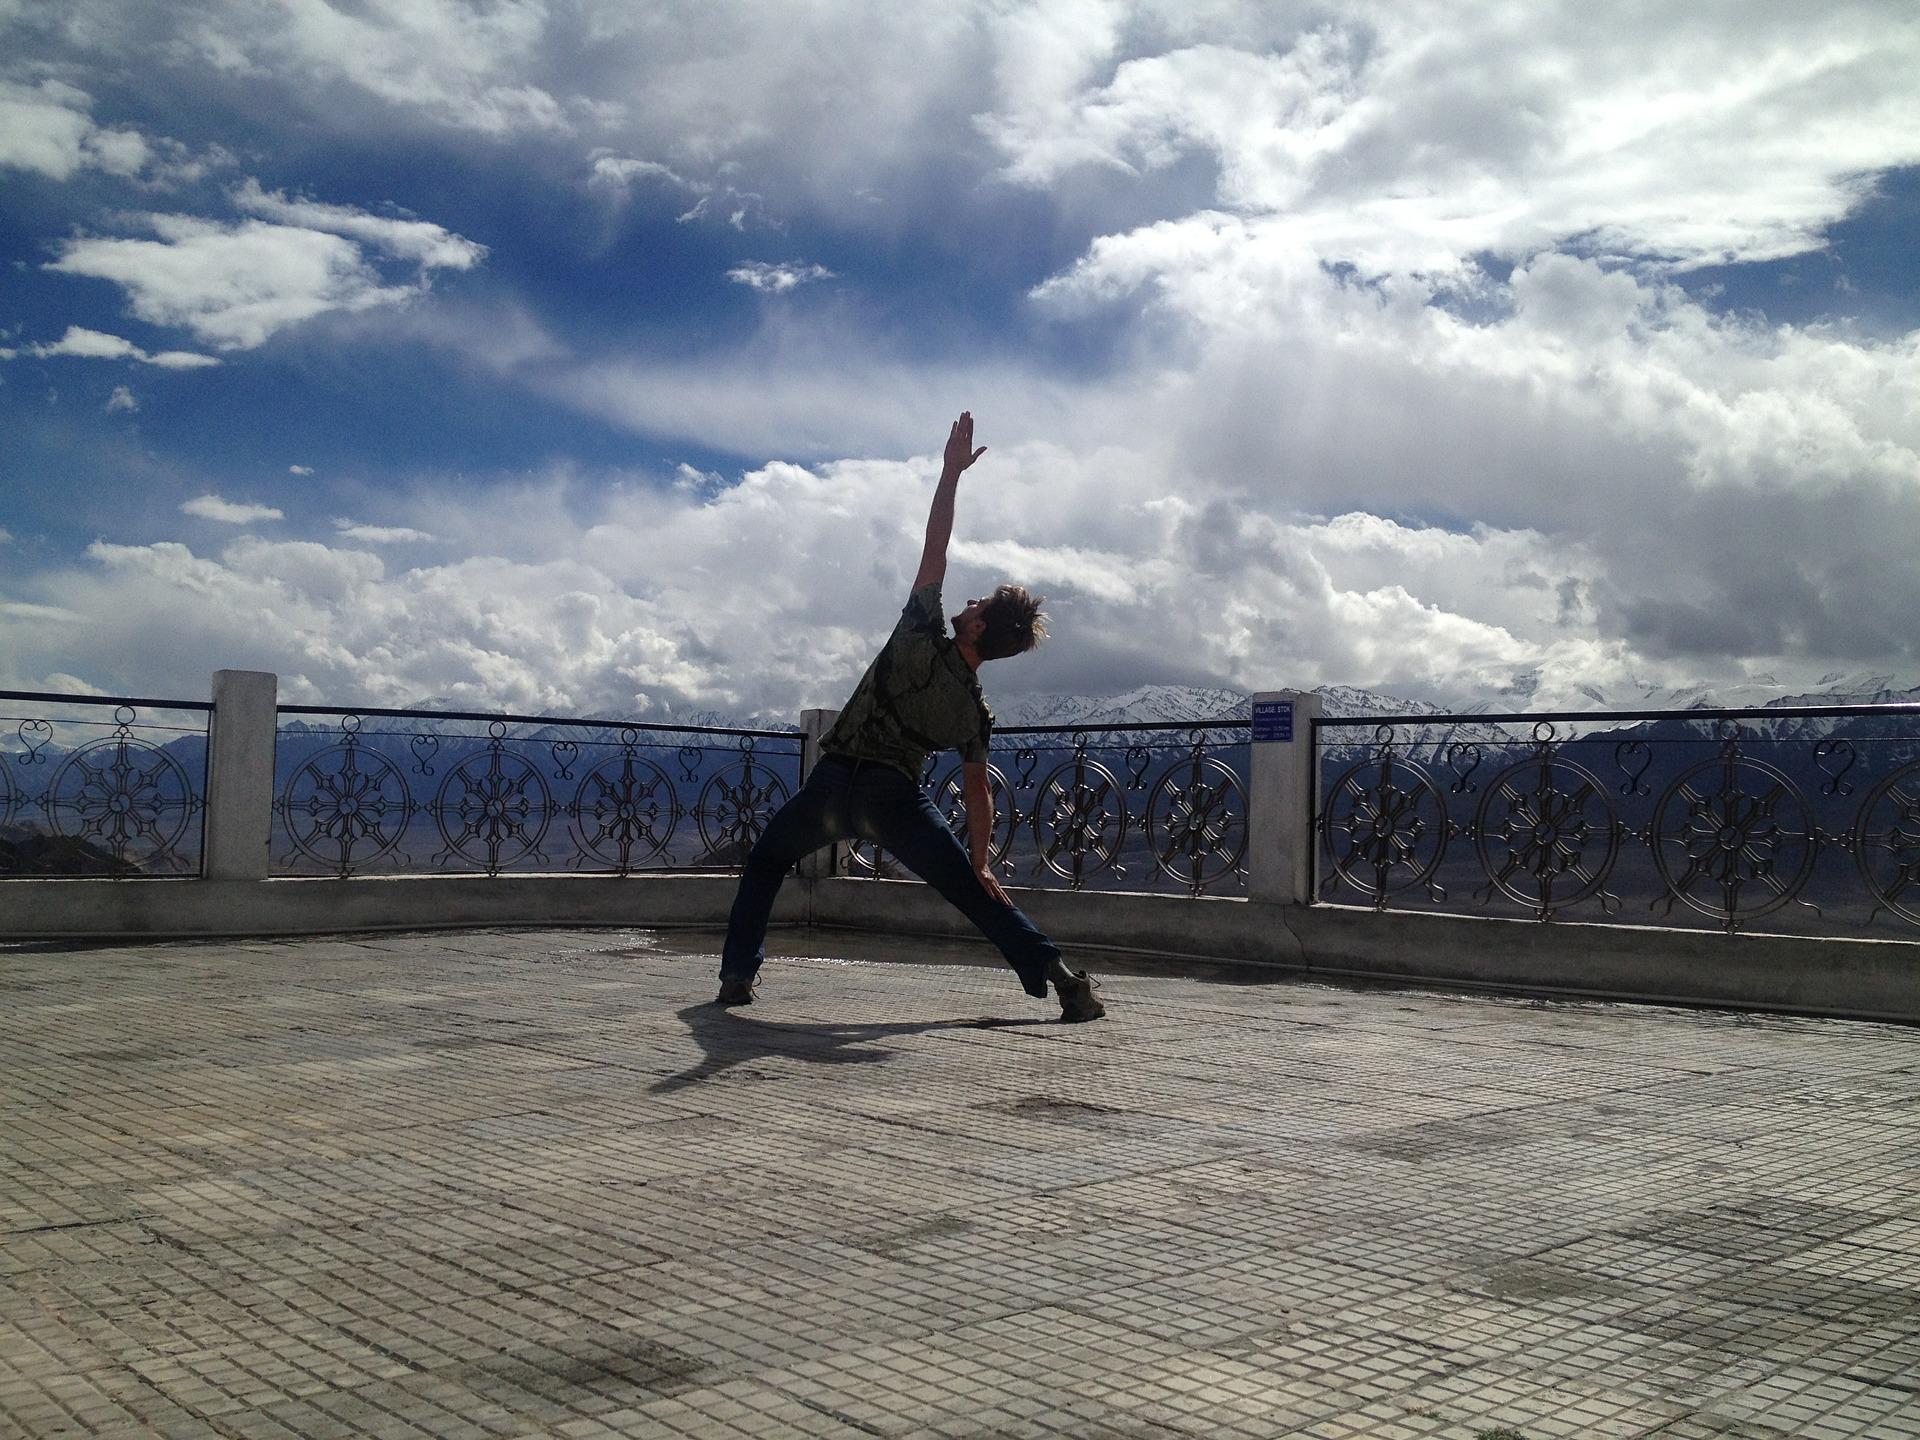 בירת היוגה העולמית: איך תארגנו חופשת יוגה בהודו?